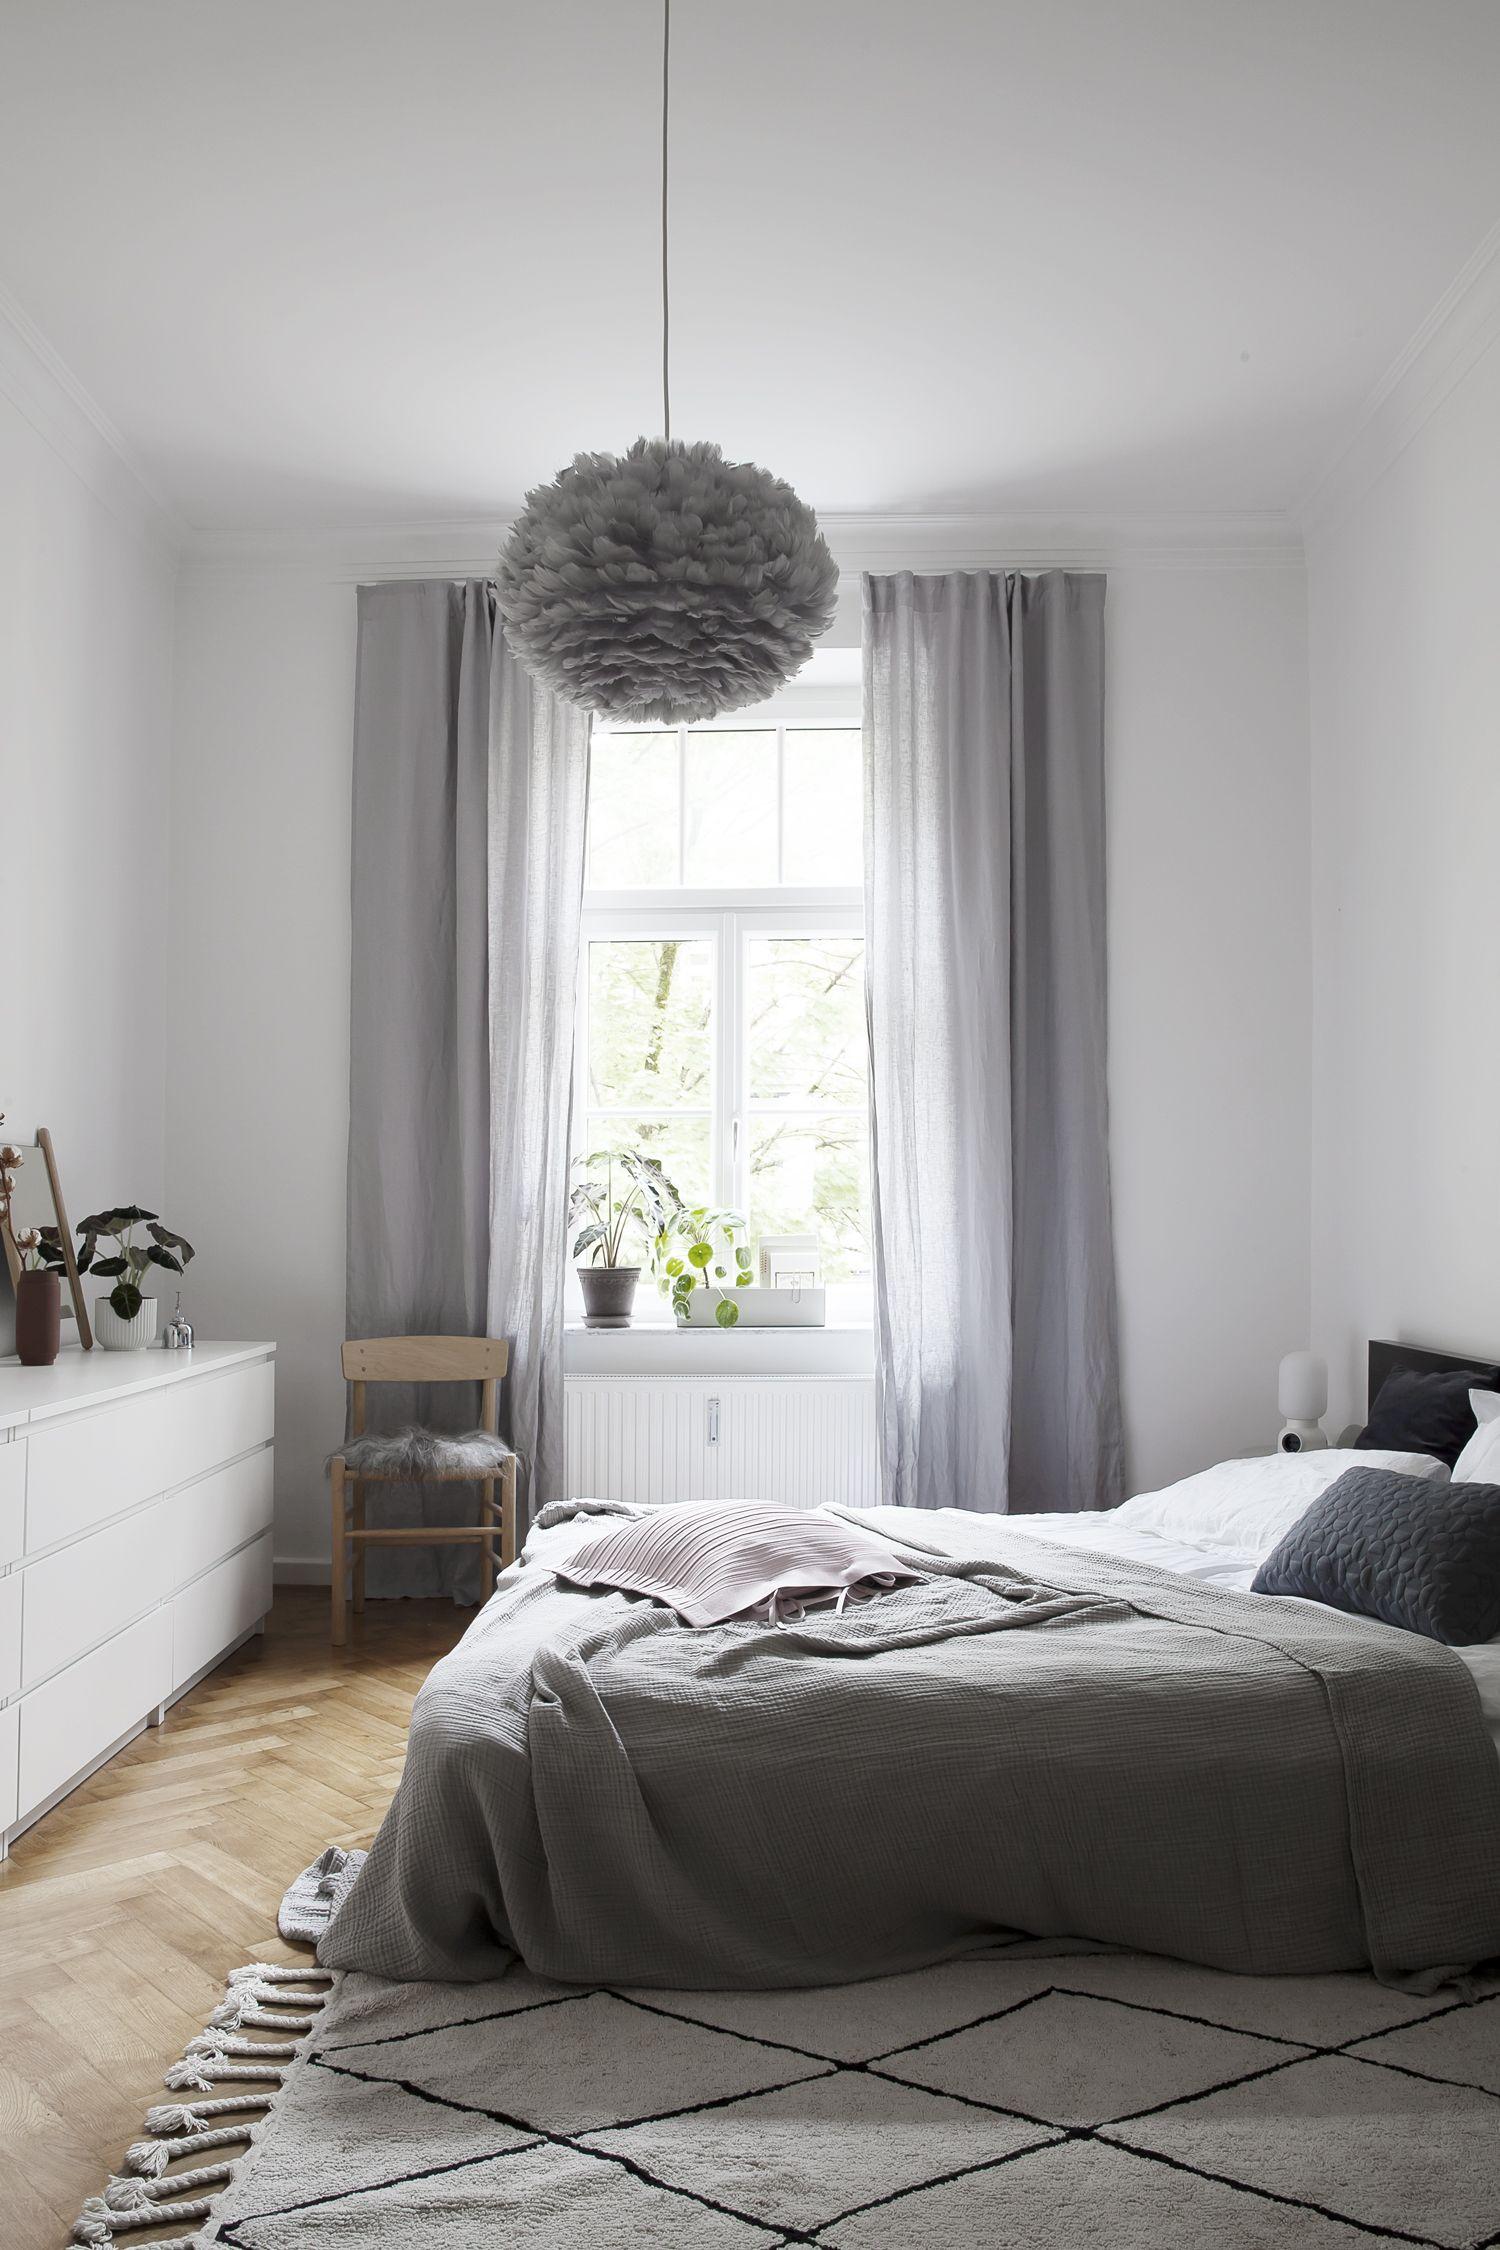 Eos Hellgrau von Umage im Shop kaufen Schlafzimmer